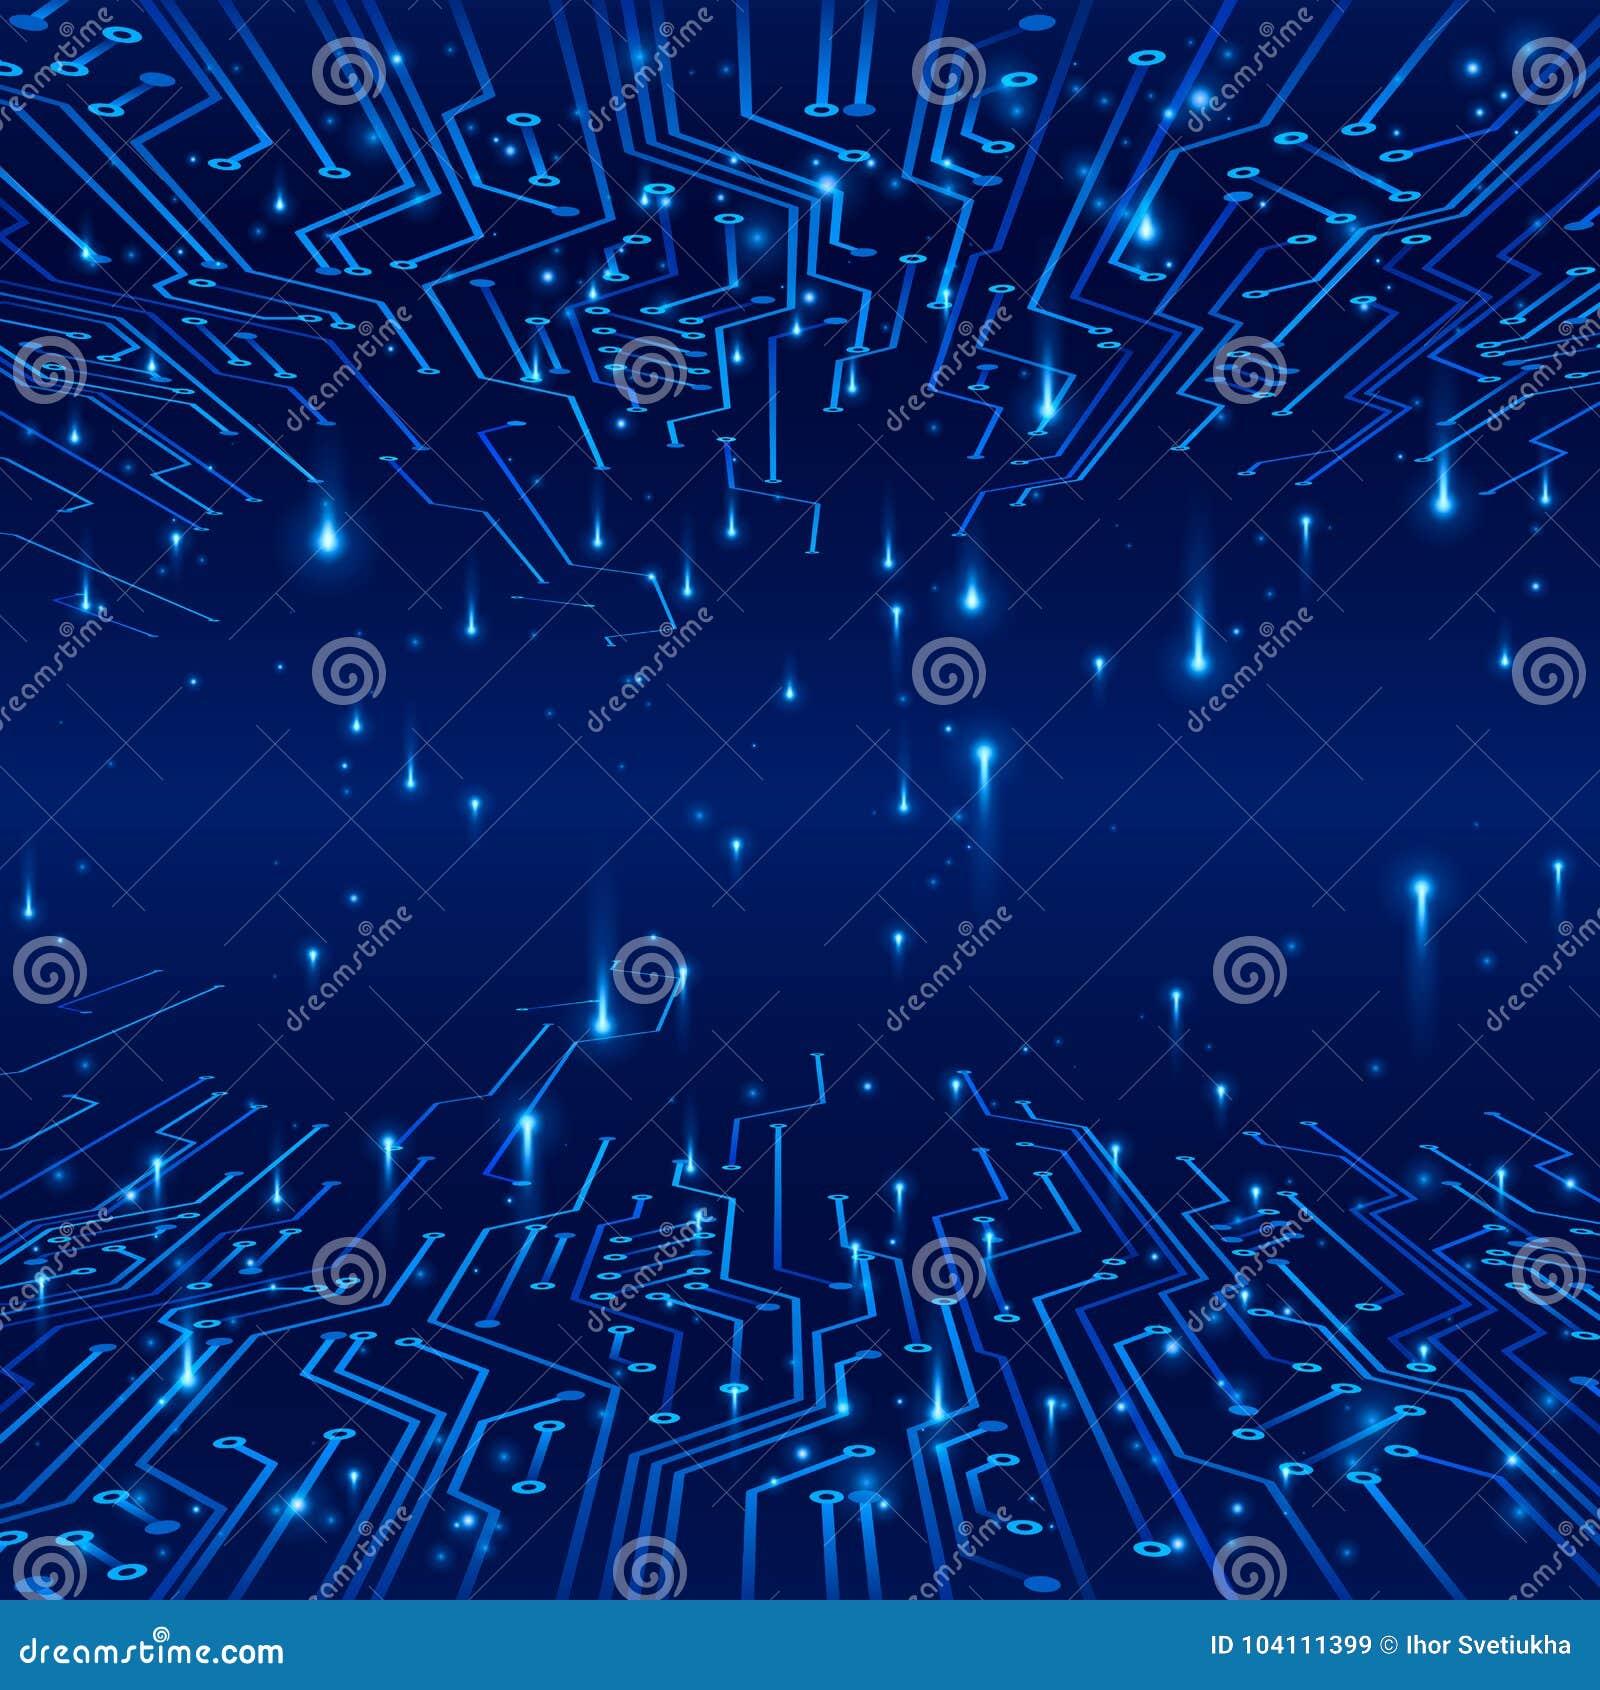 Circuito Y : Cyberspace concepto de un fondo futurista pistas en el circuito y